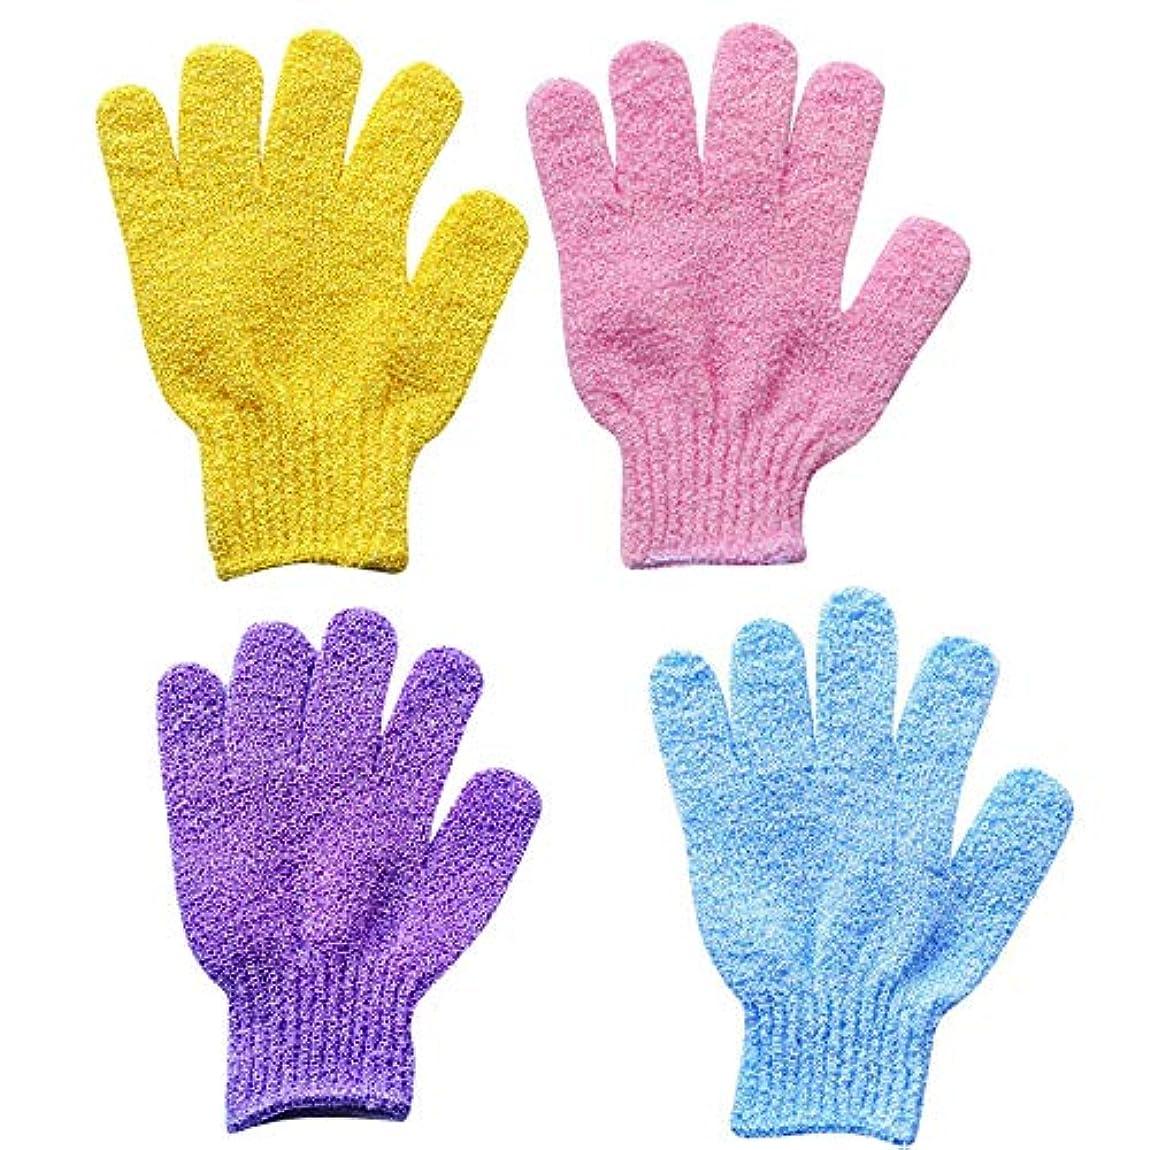 任命尊敬する郵便局Littleliving 浴用手袋 ボディタオル 入浴用品 バス用品 垢すり手袋 五本指 毛穴清潔 角質除去 8枚セット